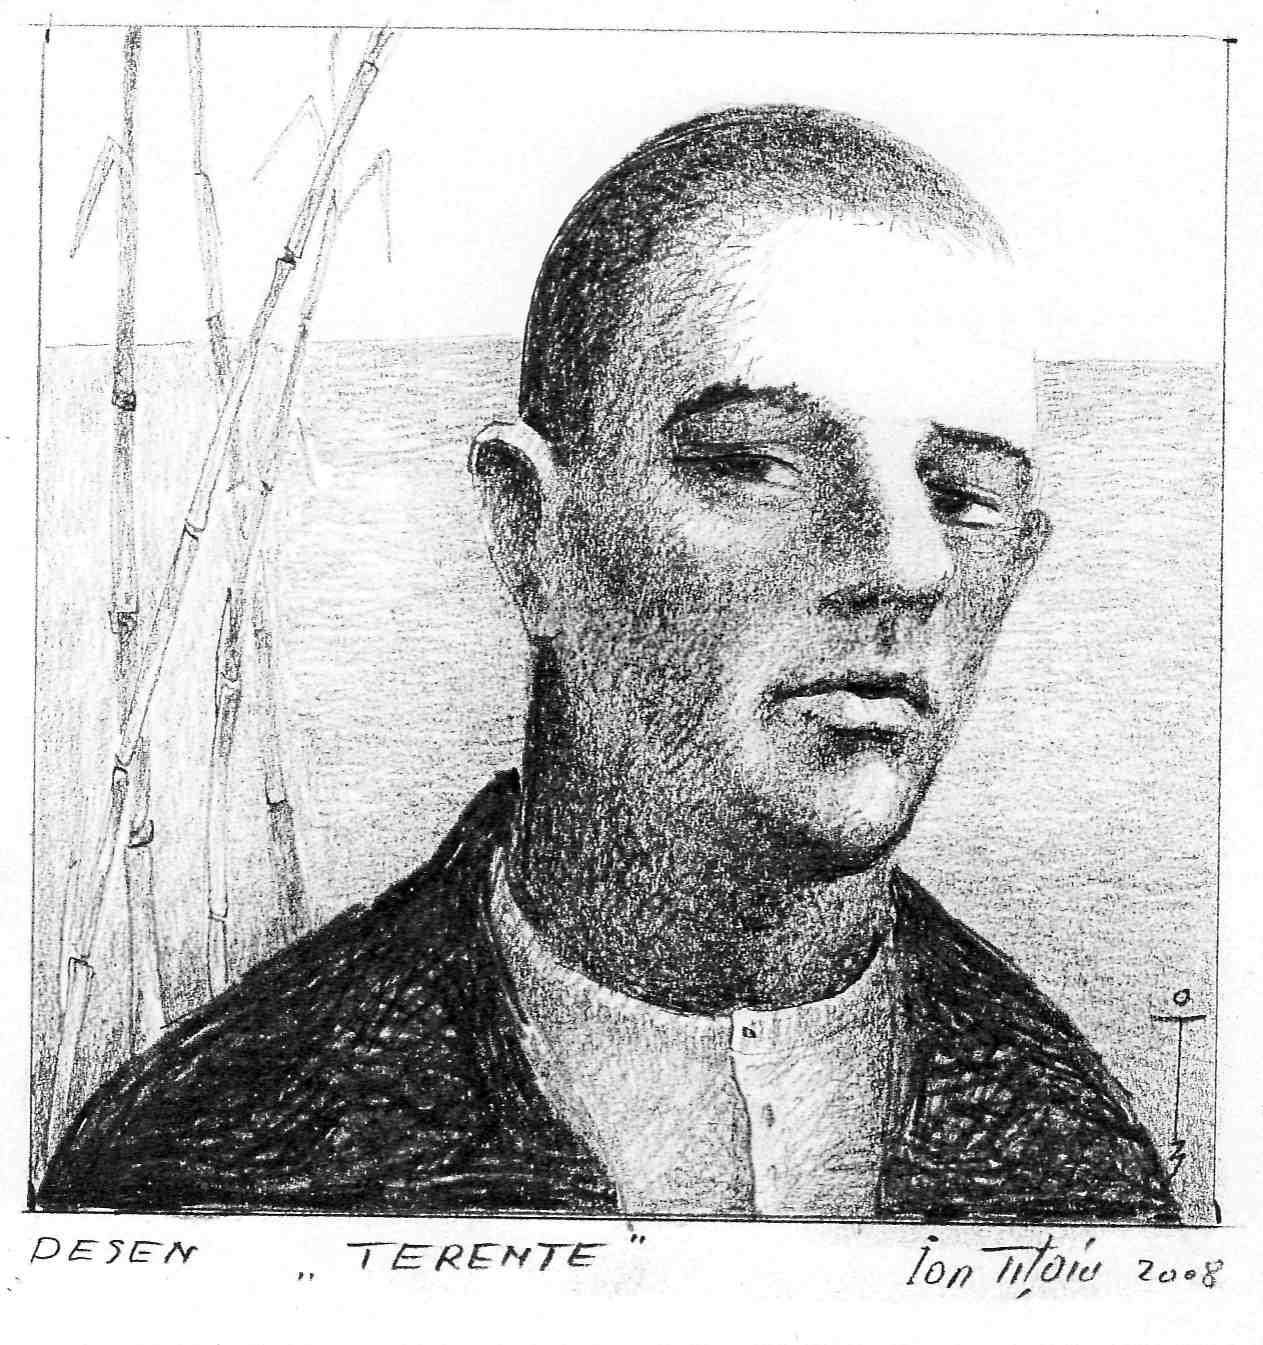 TERENTE (desen realizat de artistul plastic constănțean Ion Tițoiu în anul 2008).